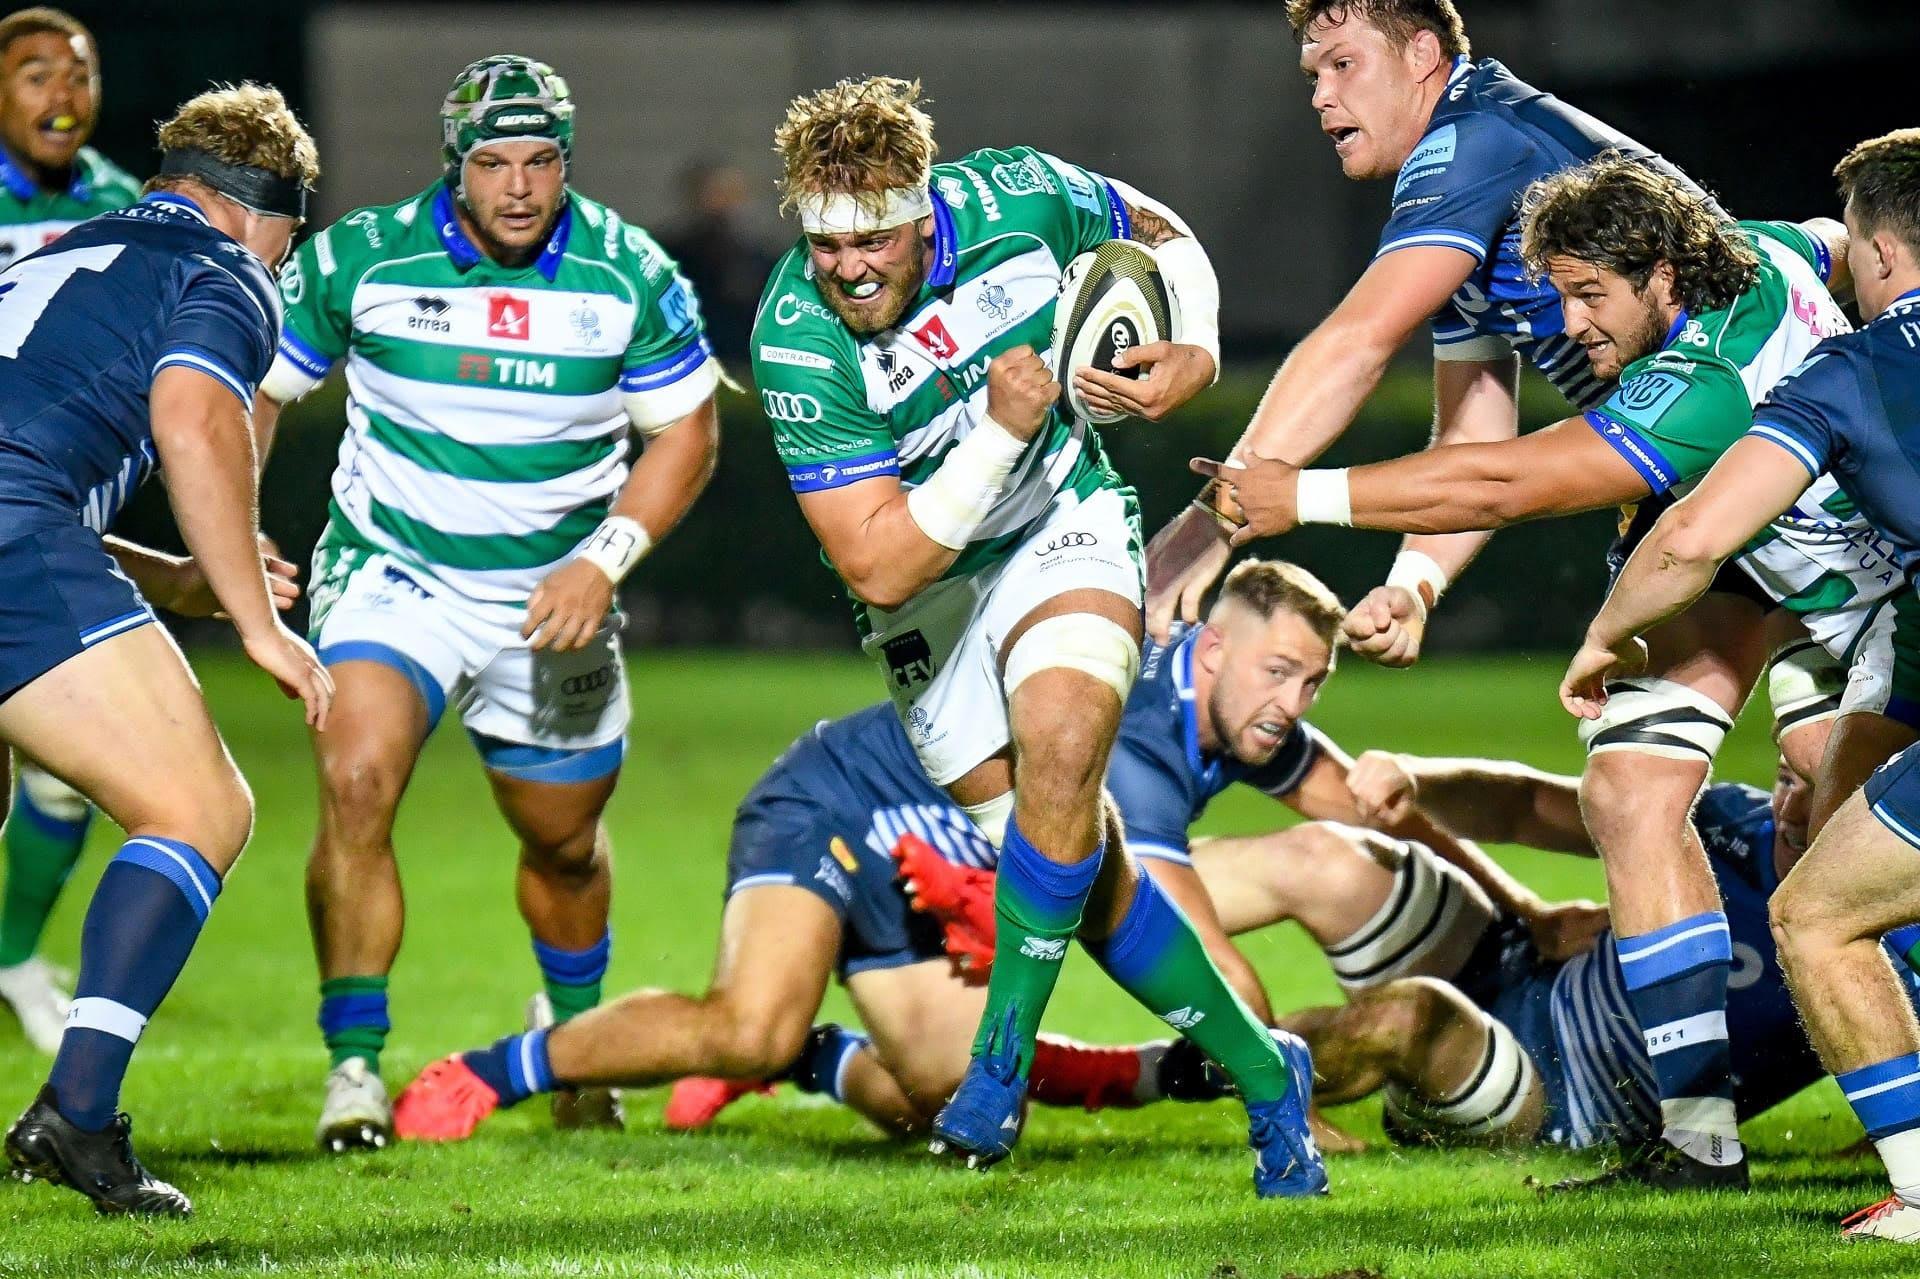 Benetton sconfitto nella prima amichevole: i Sale Sharks passano 28-19 (Ph. Benetton Rugby)